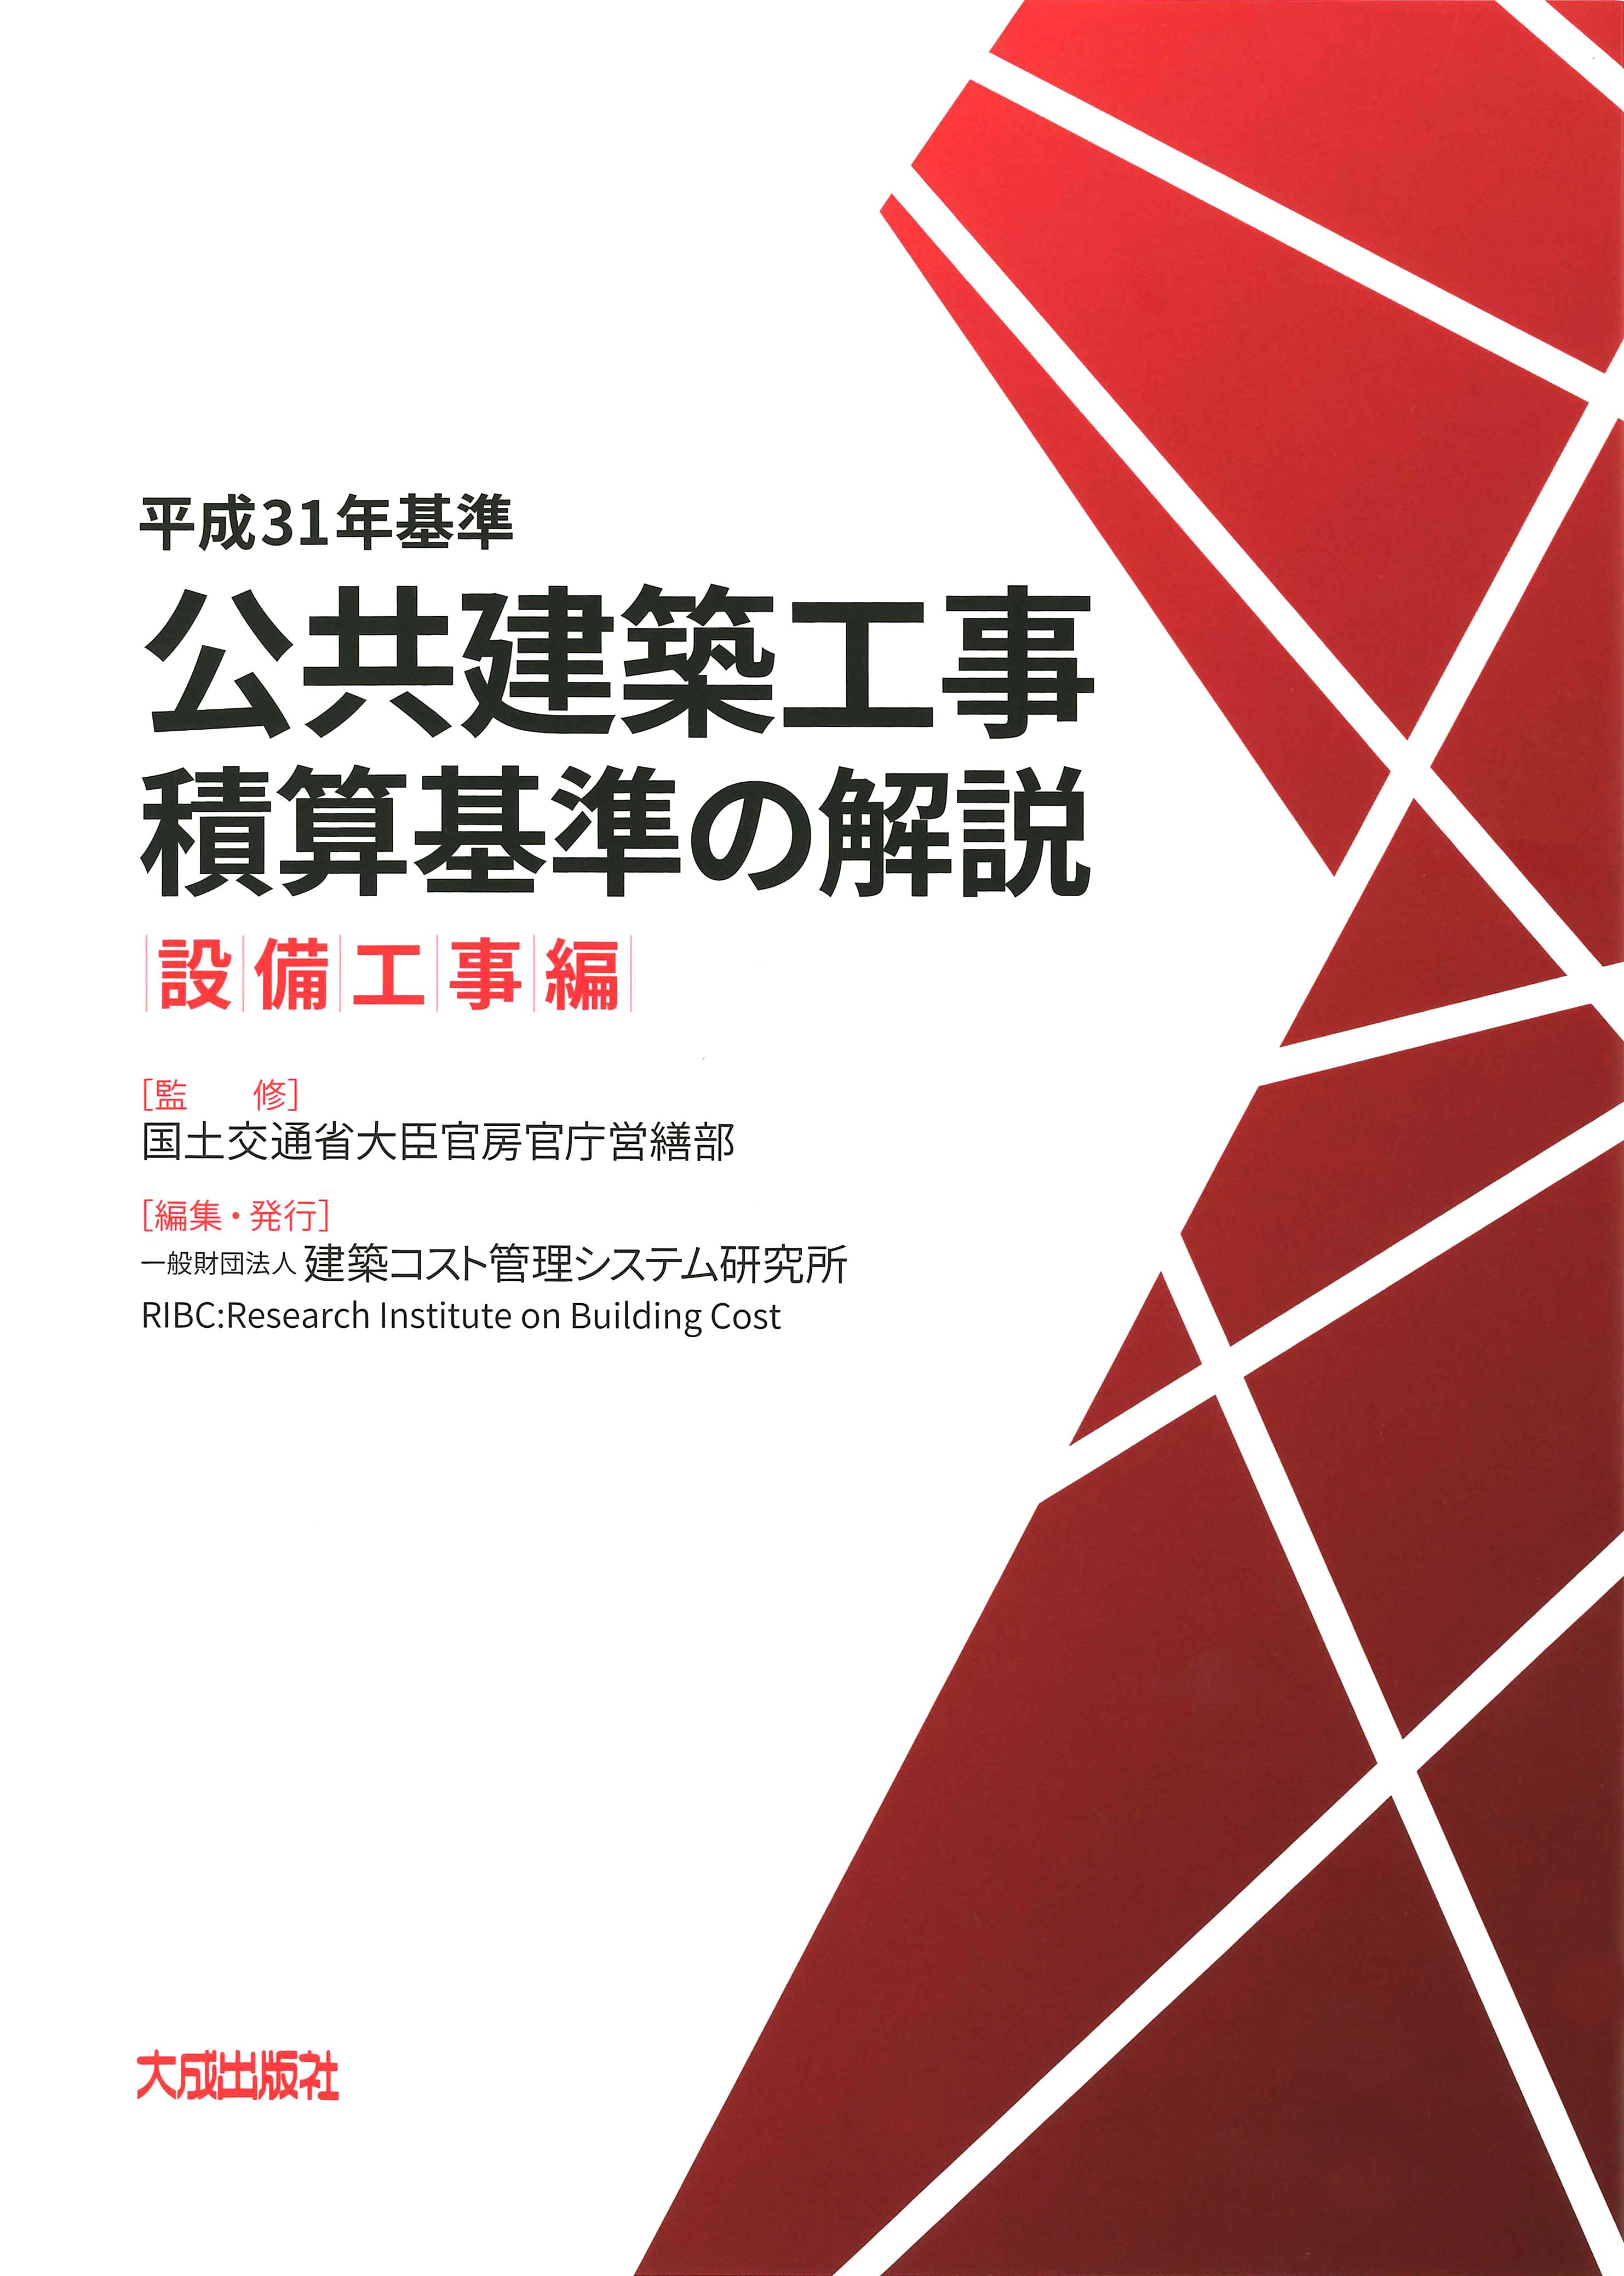 平成31年基準公共建築工事積算基準の解説 設備工事編